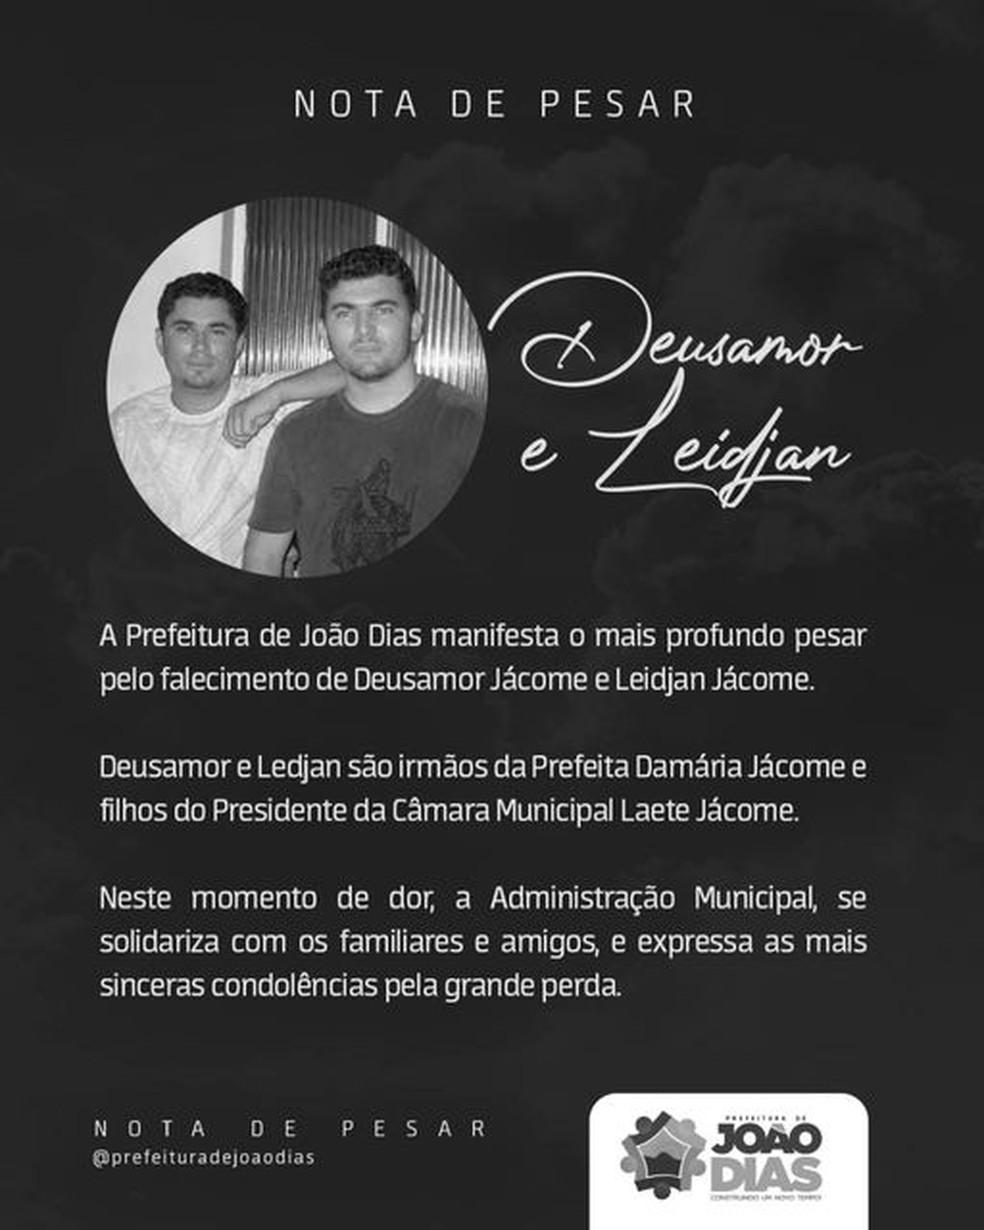 Nota de pesar emitida pela Prefeitura de João Dias após morte de suspeitos de tráfico de drogas com a polícia. — Foto: Reprodução